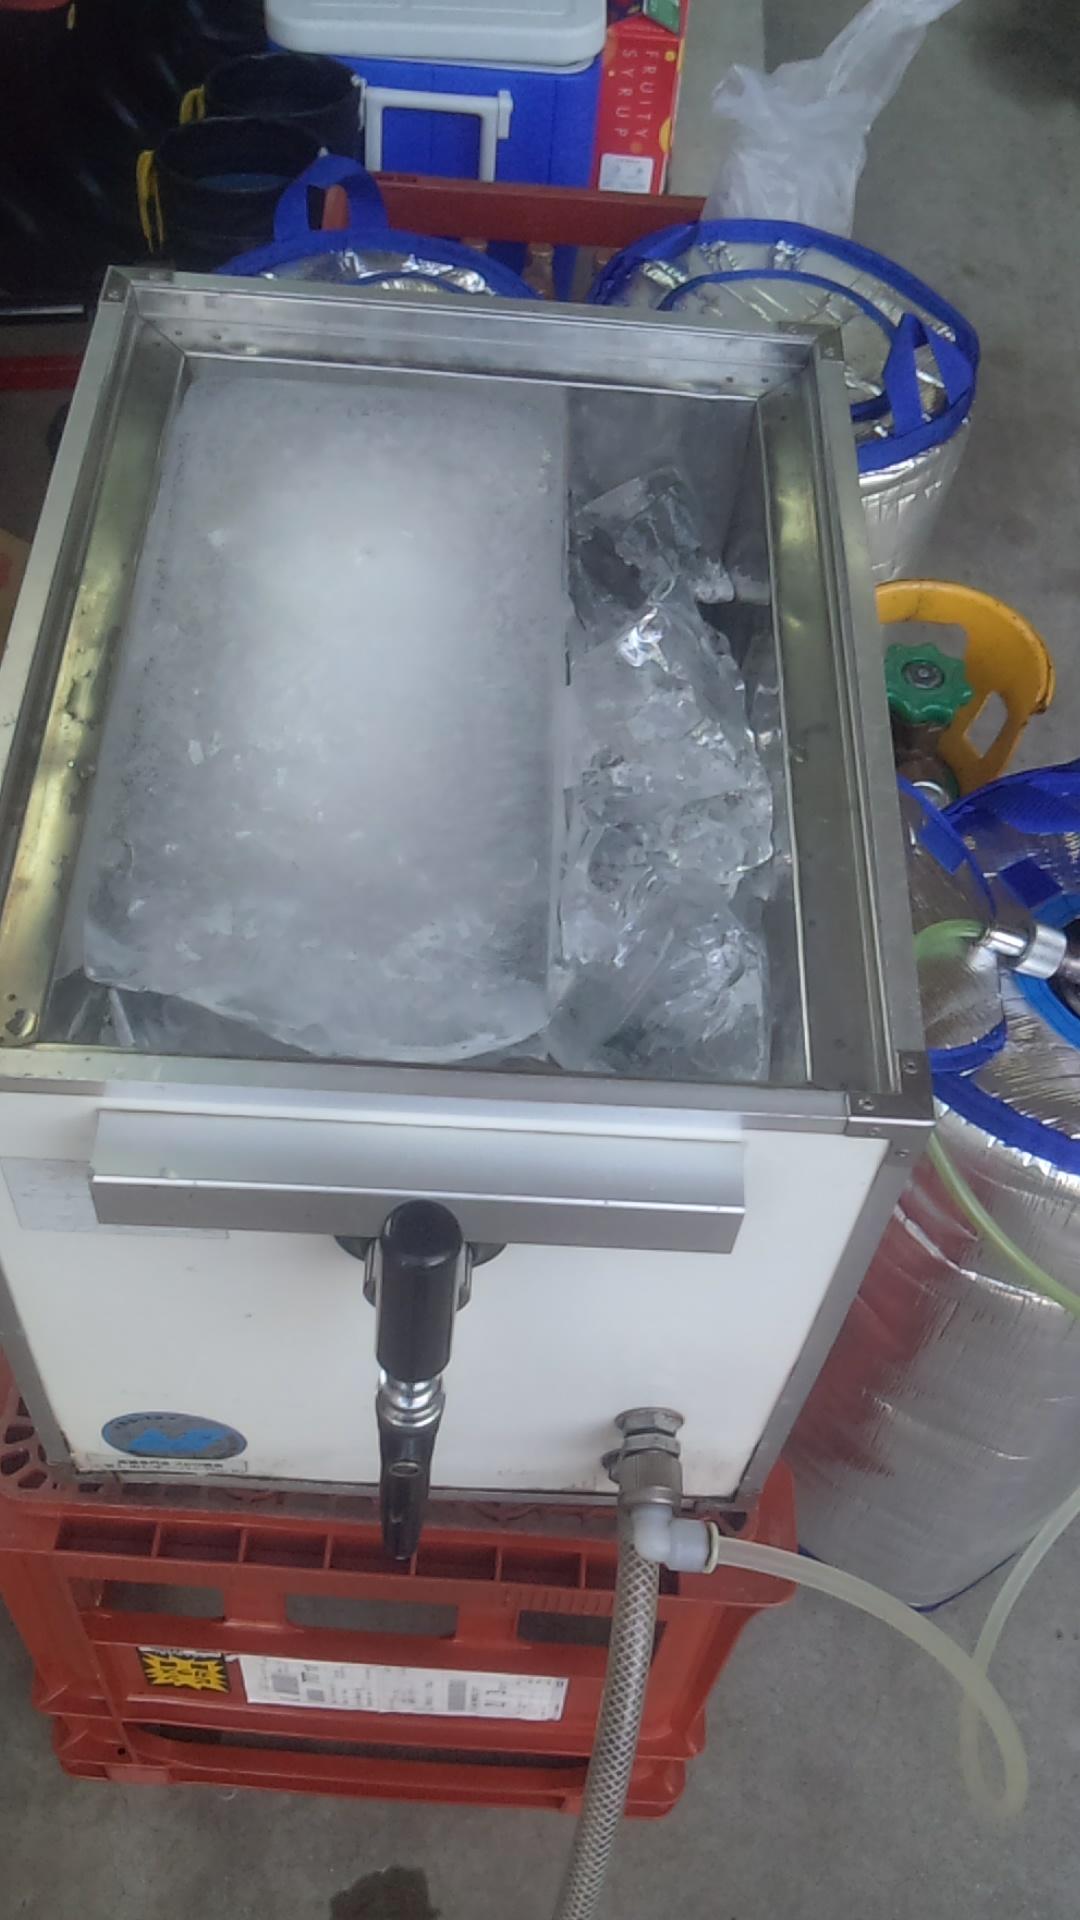 ☆夏だ、生ビールだ!つくば近郊のBBQなど、当店にお任せ下さい(^^)v☆_c0175182_1251589.jpg